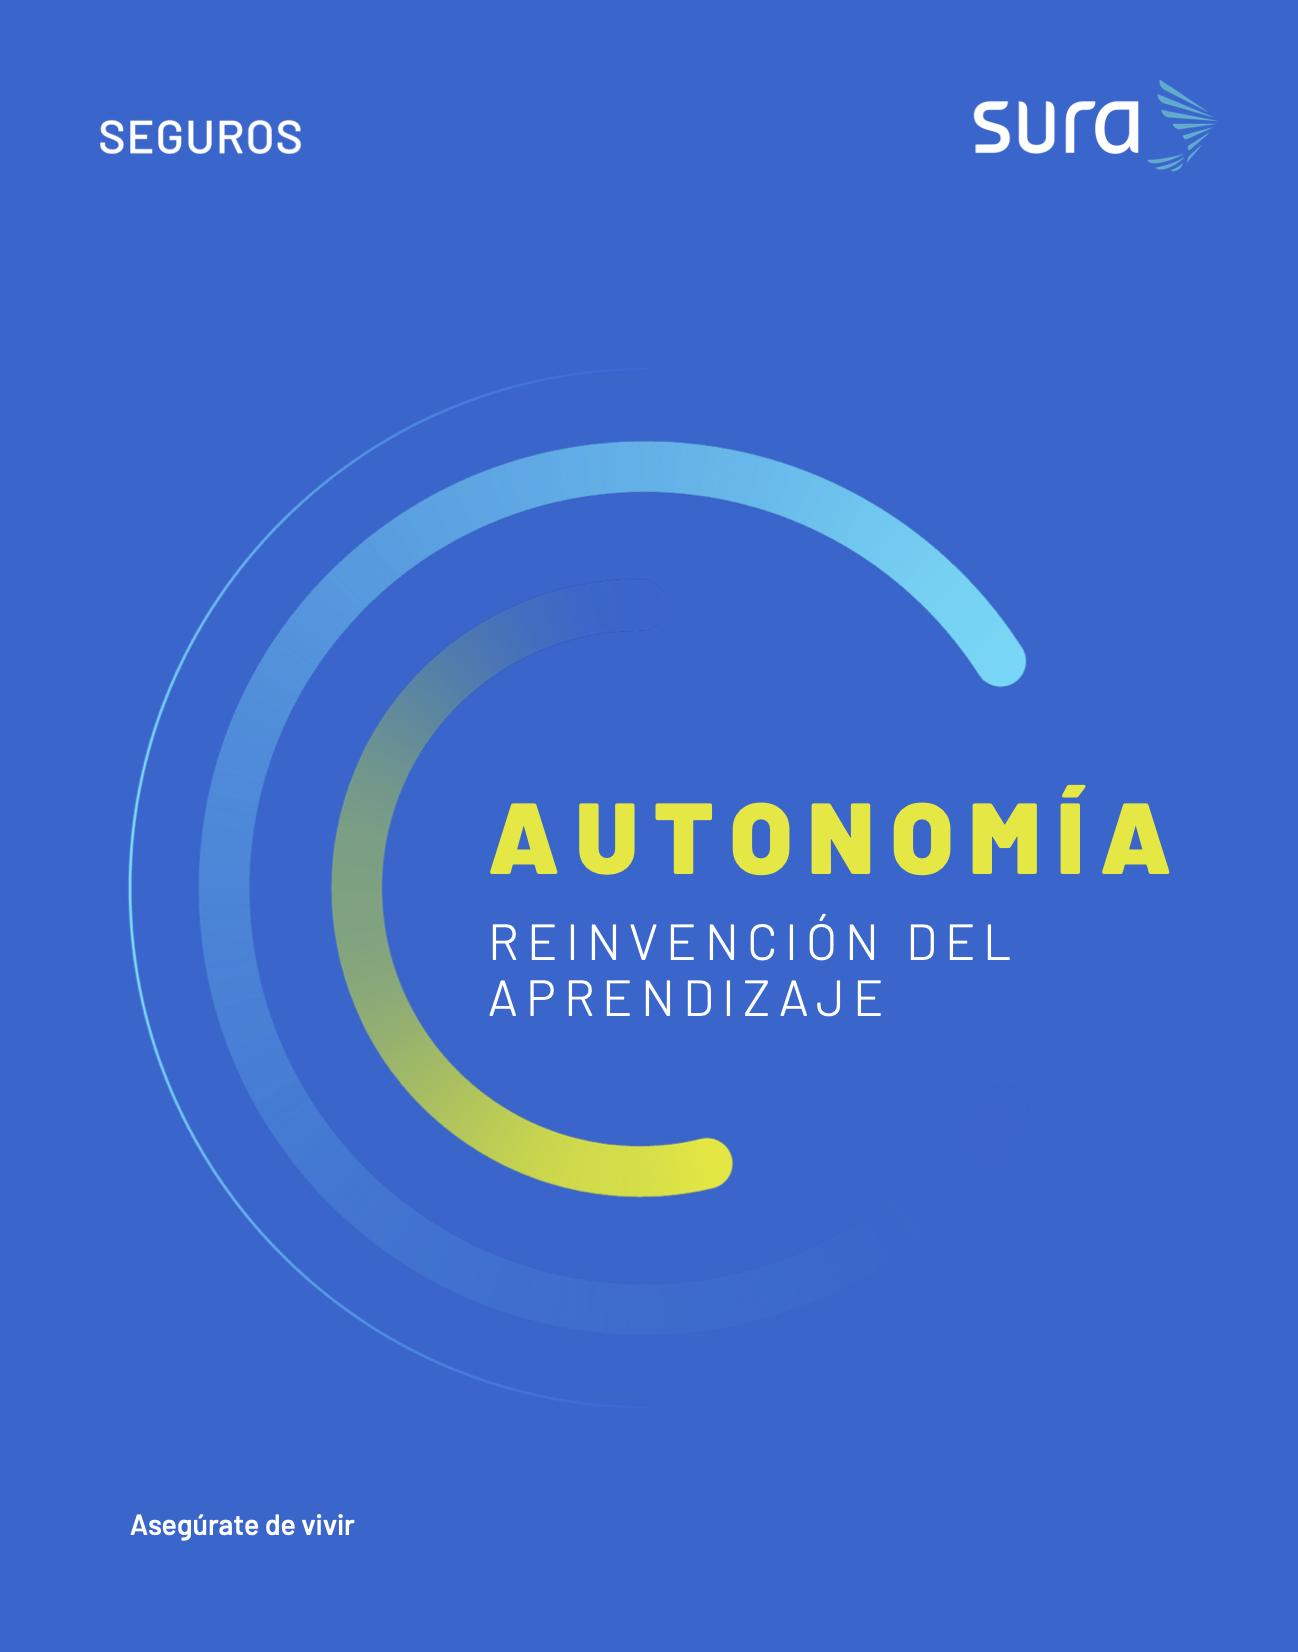 Autonomía - Reinvención del aprendizaje